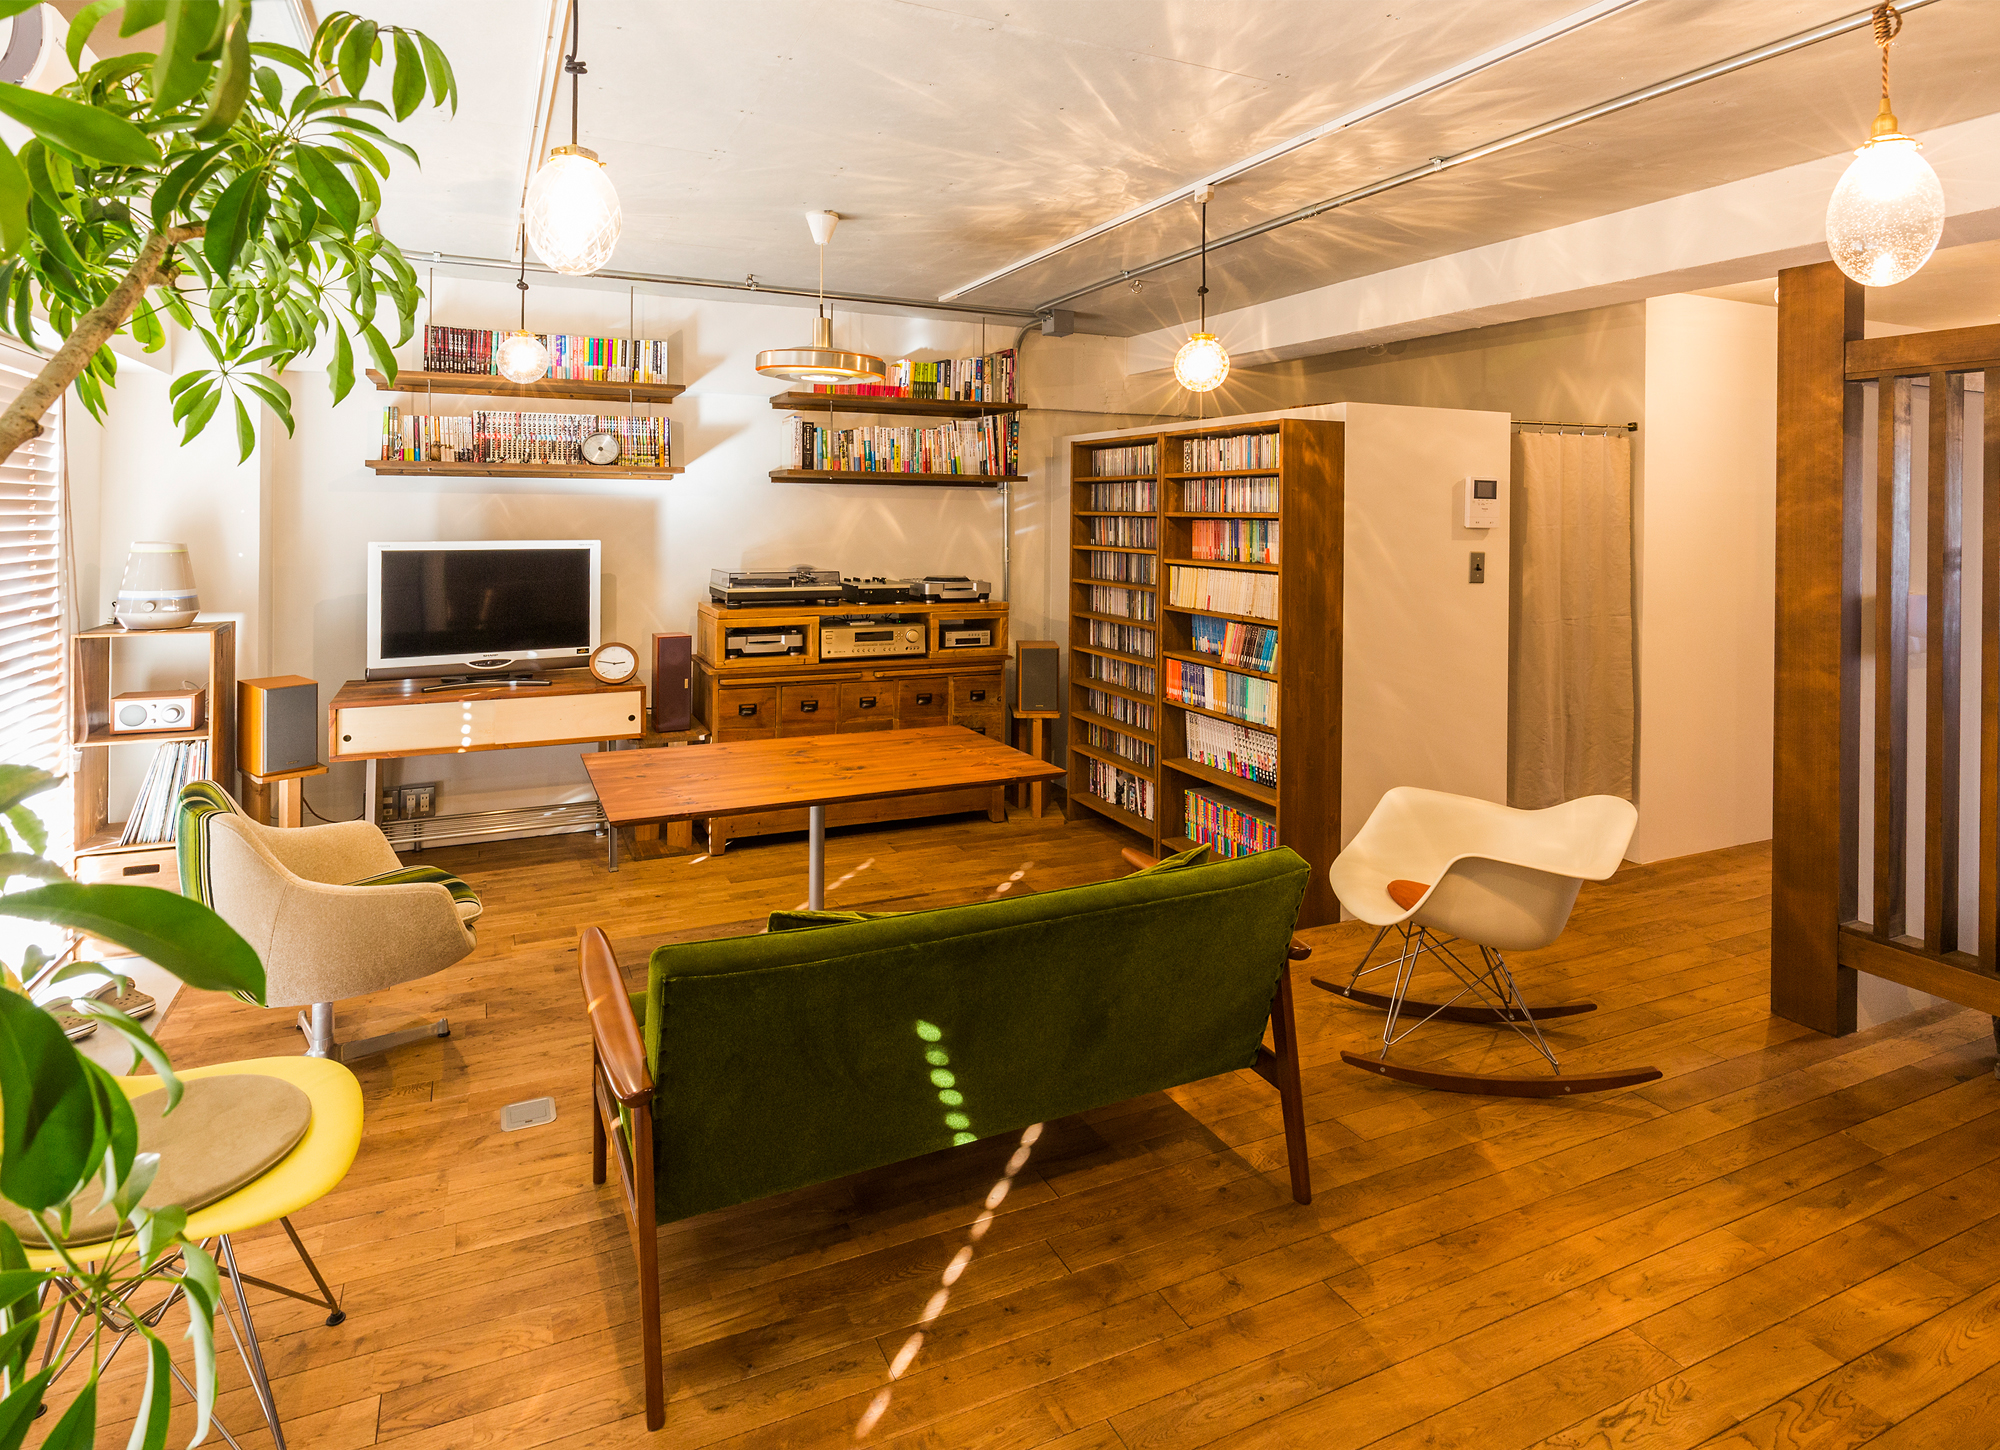 こだわりの家具が佇むレトロモダンなリノベーション空間